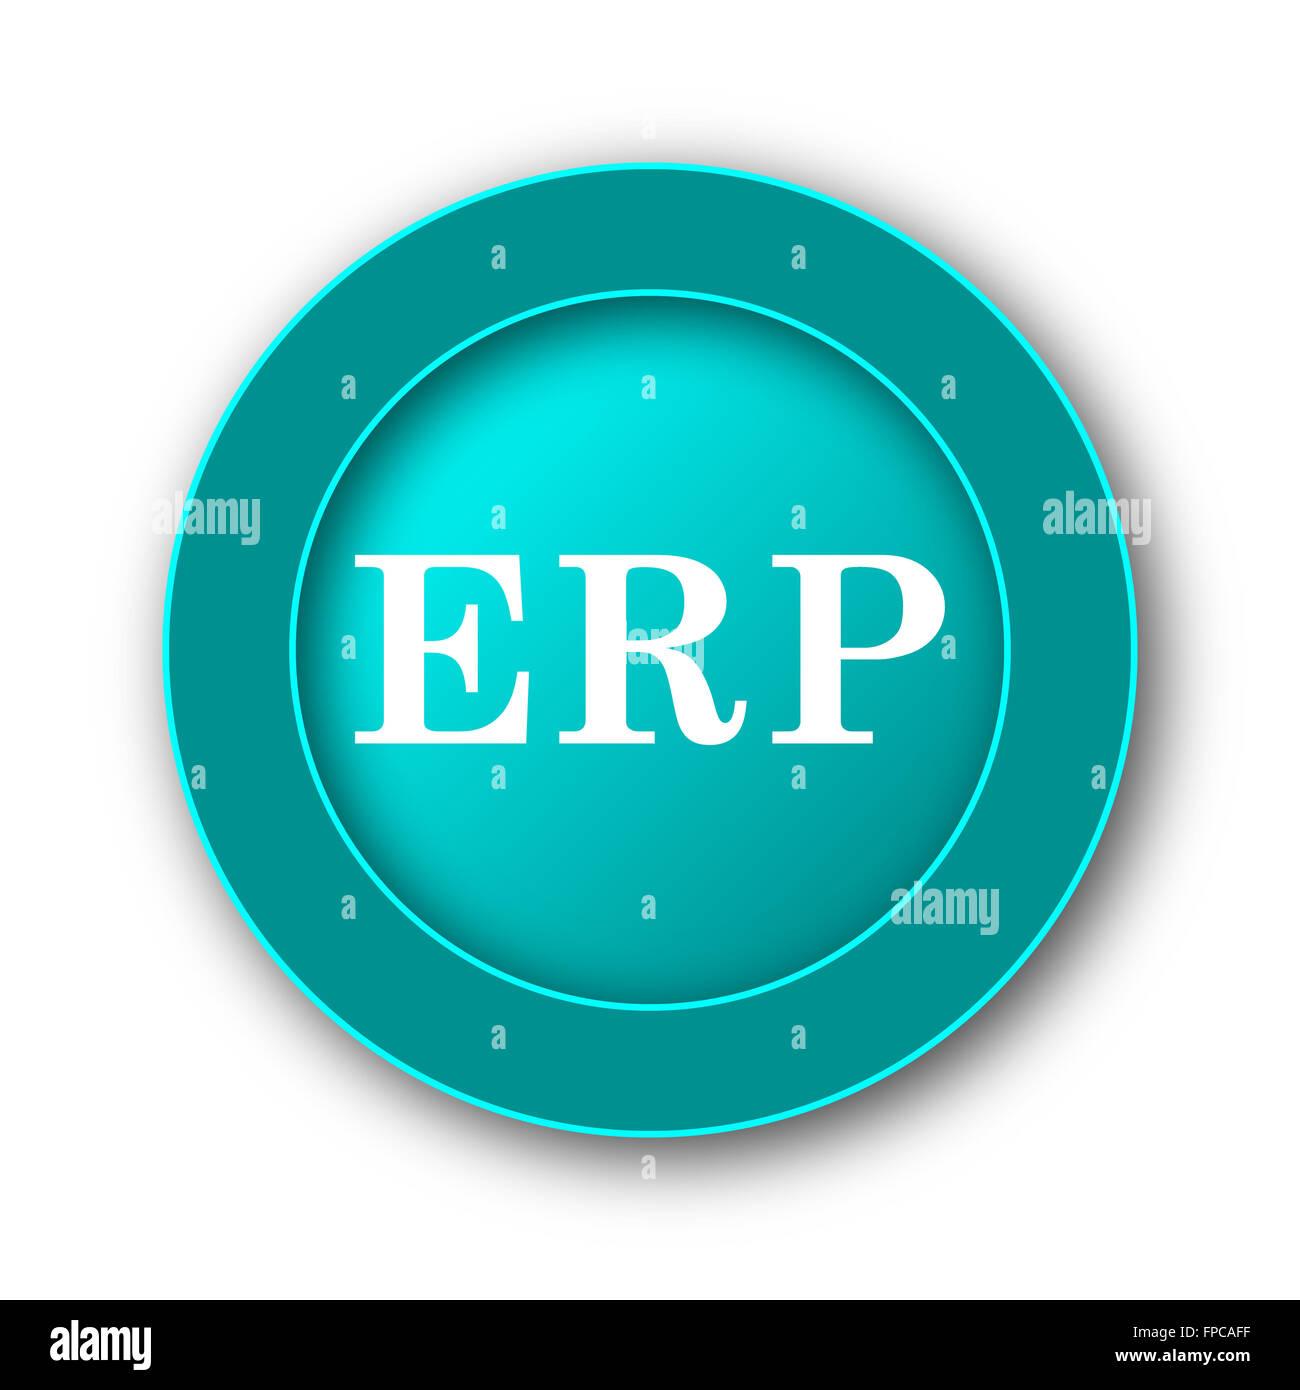 erp icon internet button on white background stock photo 99845971